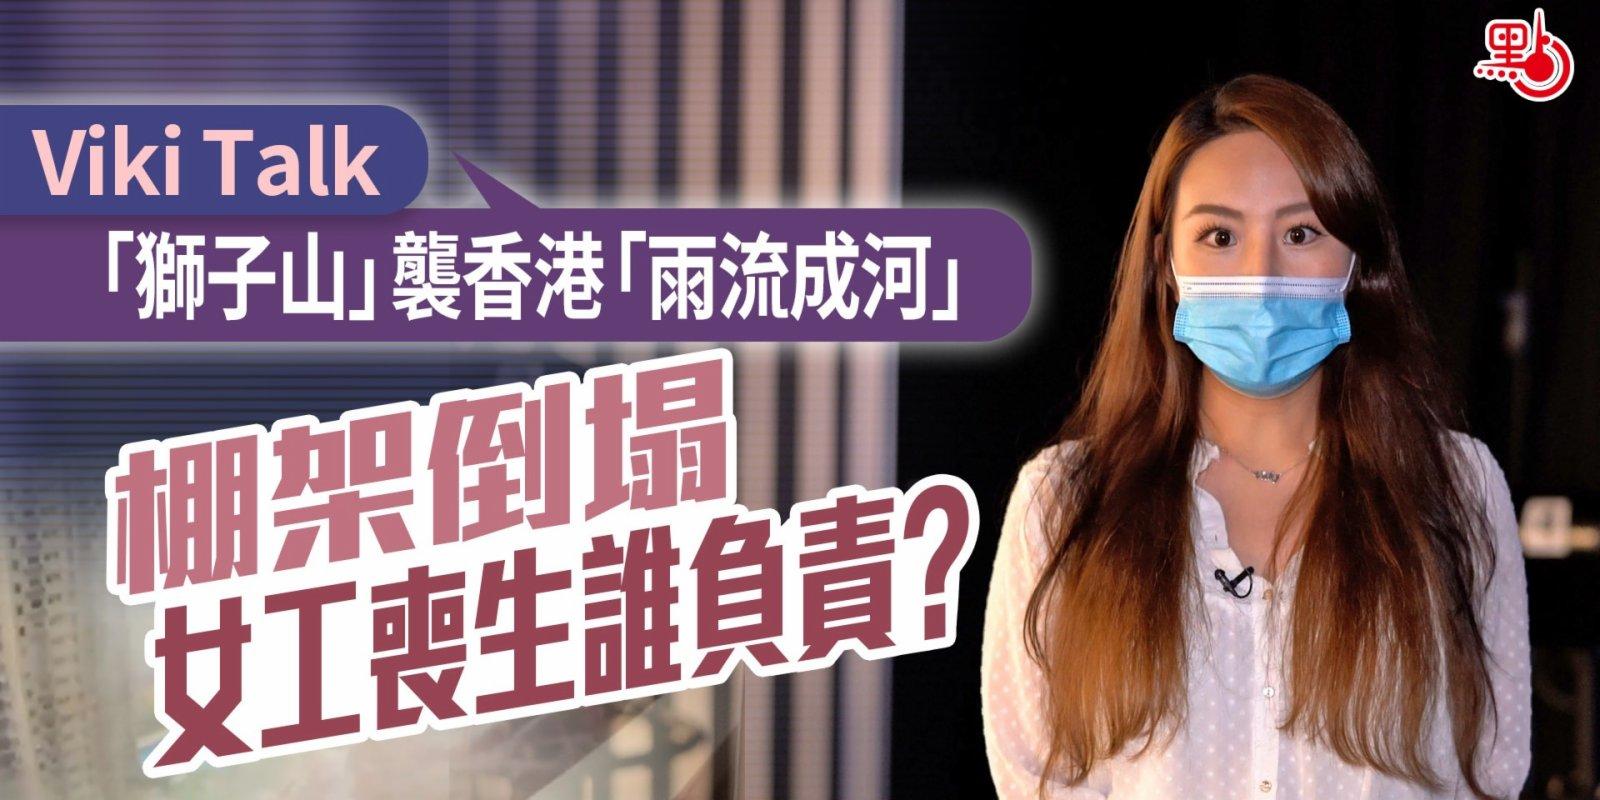 Viki Talk | 「獅子山」襲香港「雨流成河」 棚架倒塌女工喪生誰負責?